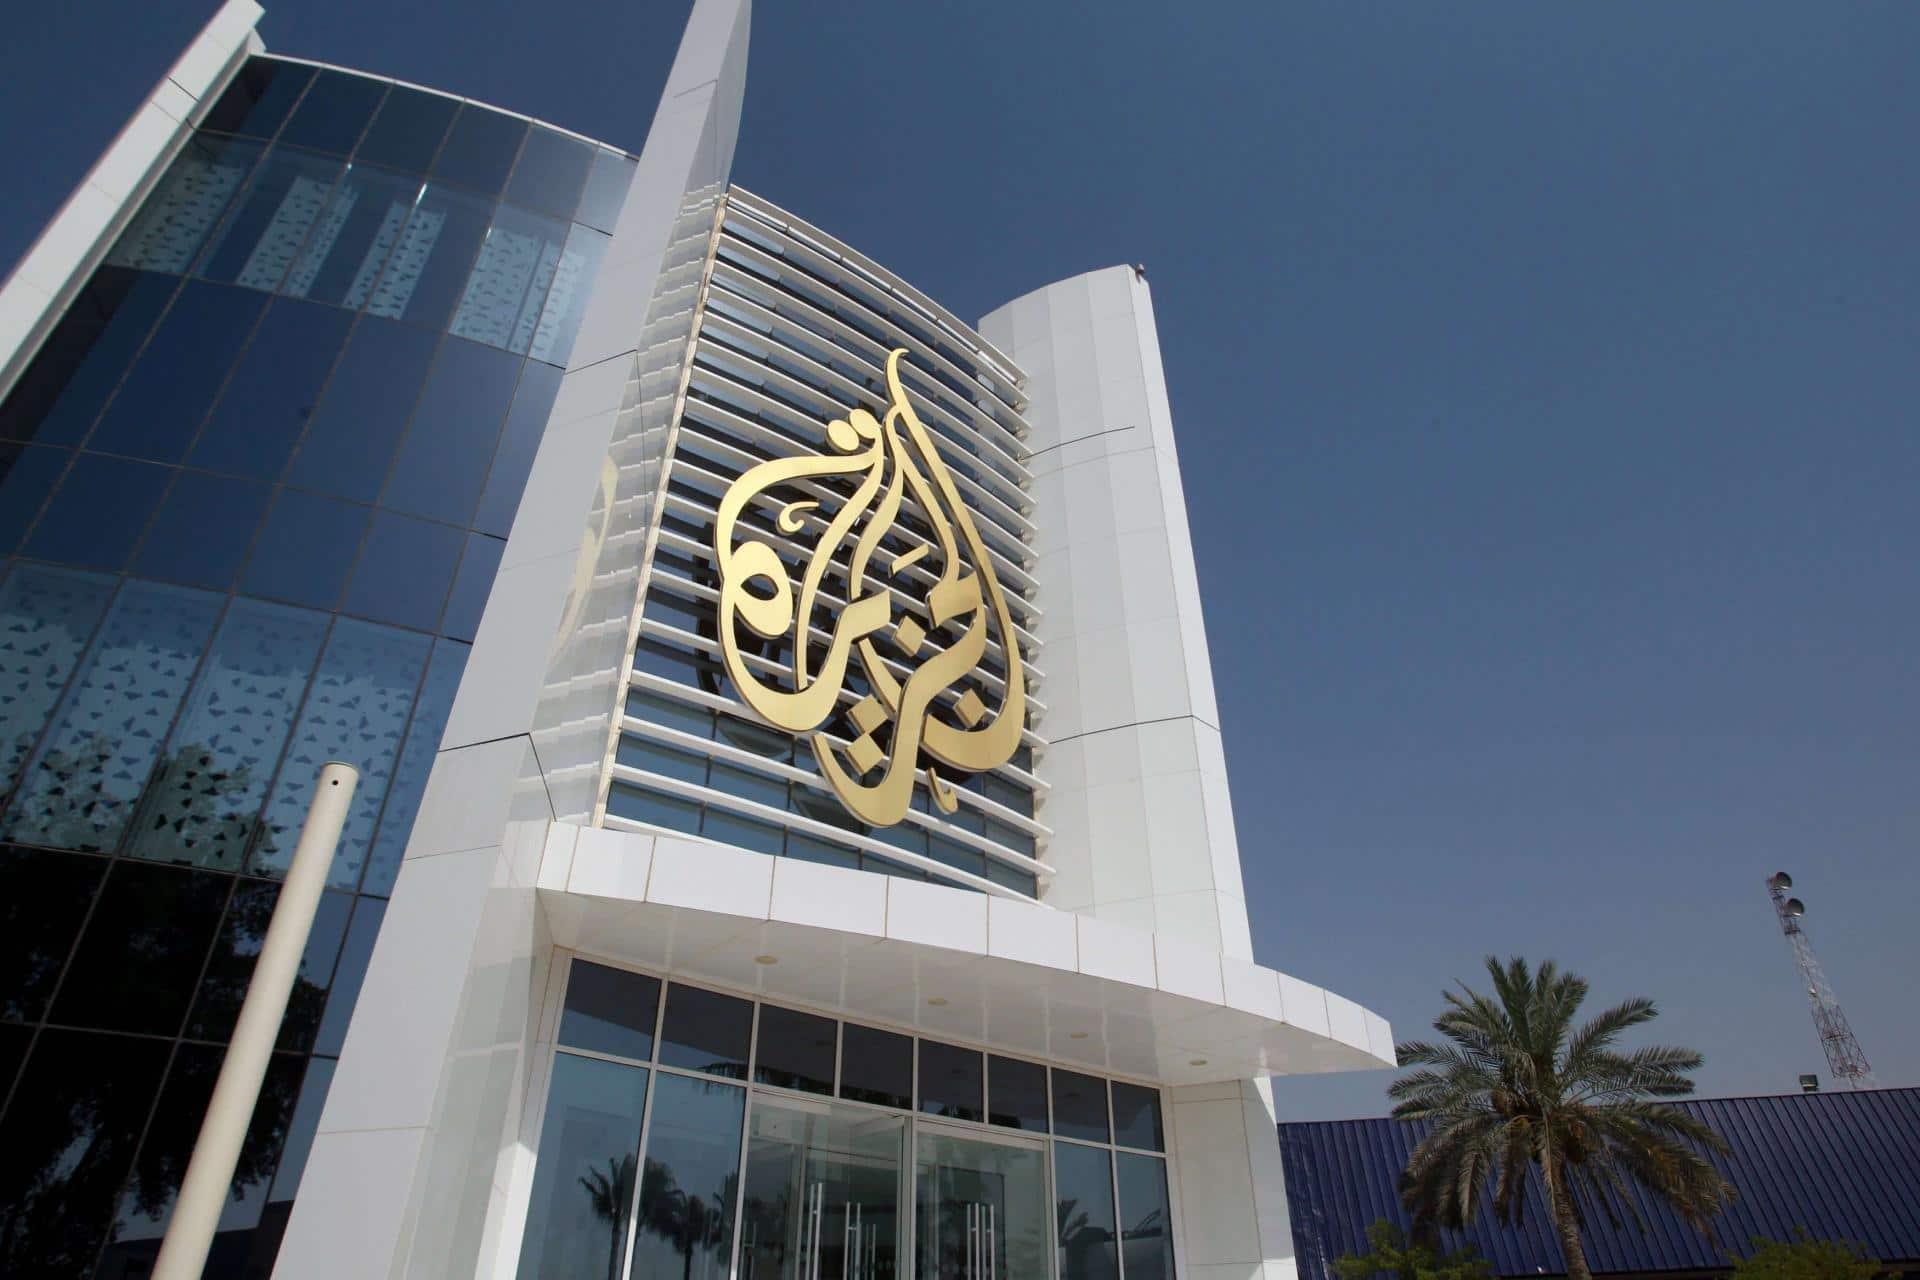 بعدما اشتكت عدم اهتمام قطر بها .. البحرين يُجن جنونها مجدداً من قناة الجزيرة لهذا السبب